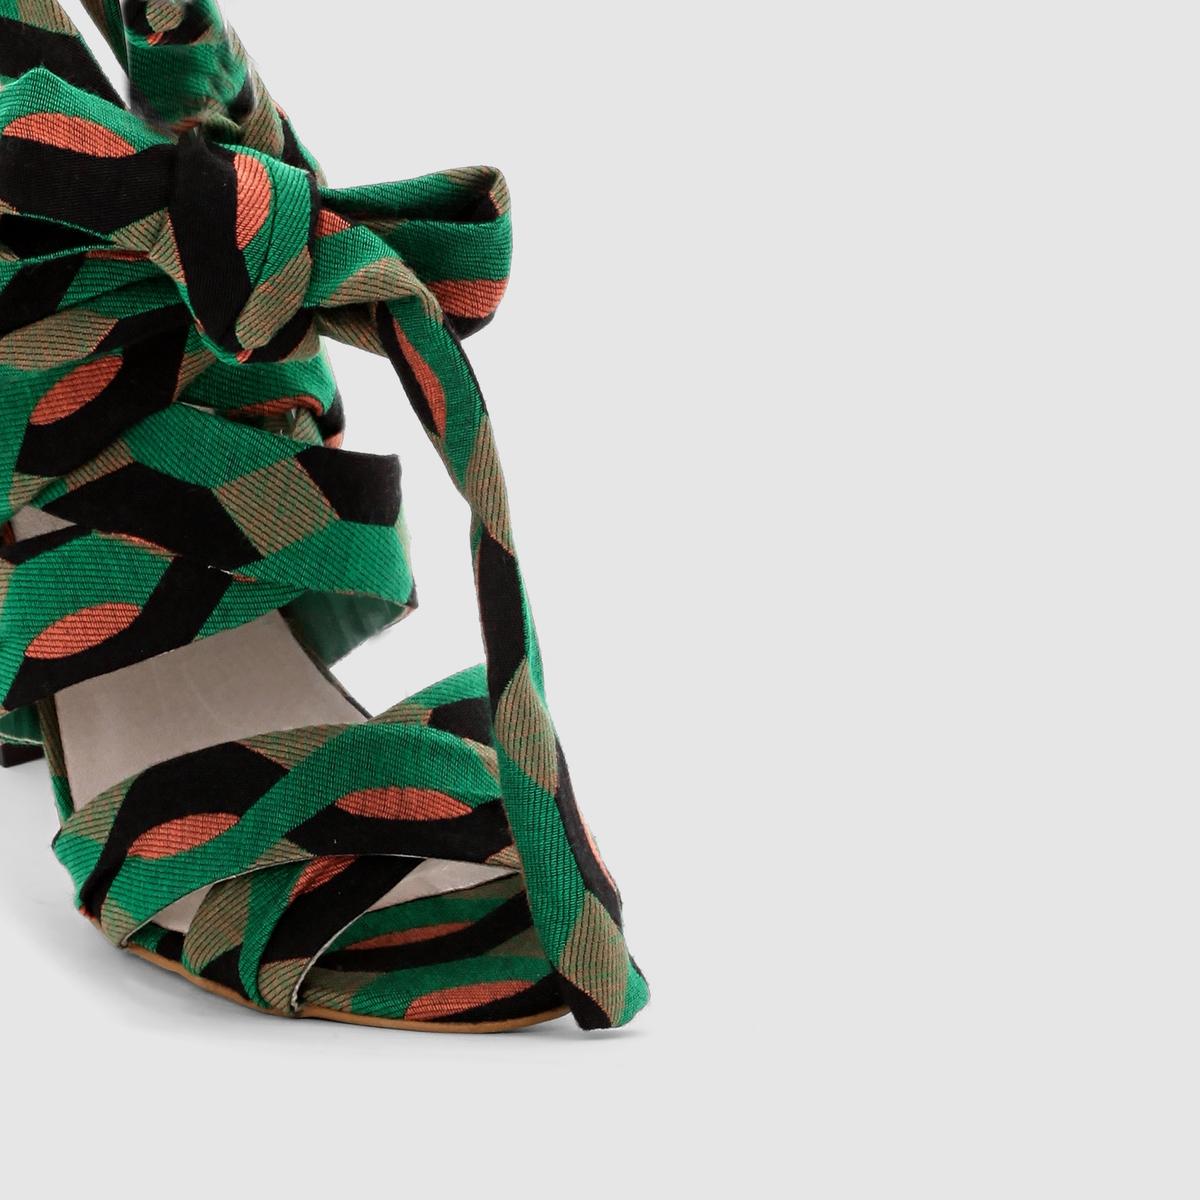 БосоножкиВерх : текстиль       Подкладка : синтетика     Стелька : кожа      Подошва : из эластомера         Застежка :  ремешки с пряжками     Каблук : 10 см<br><br>Цвет: рисунок/зеленый<br>Размер: 35